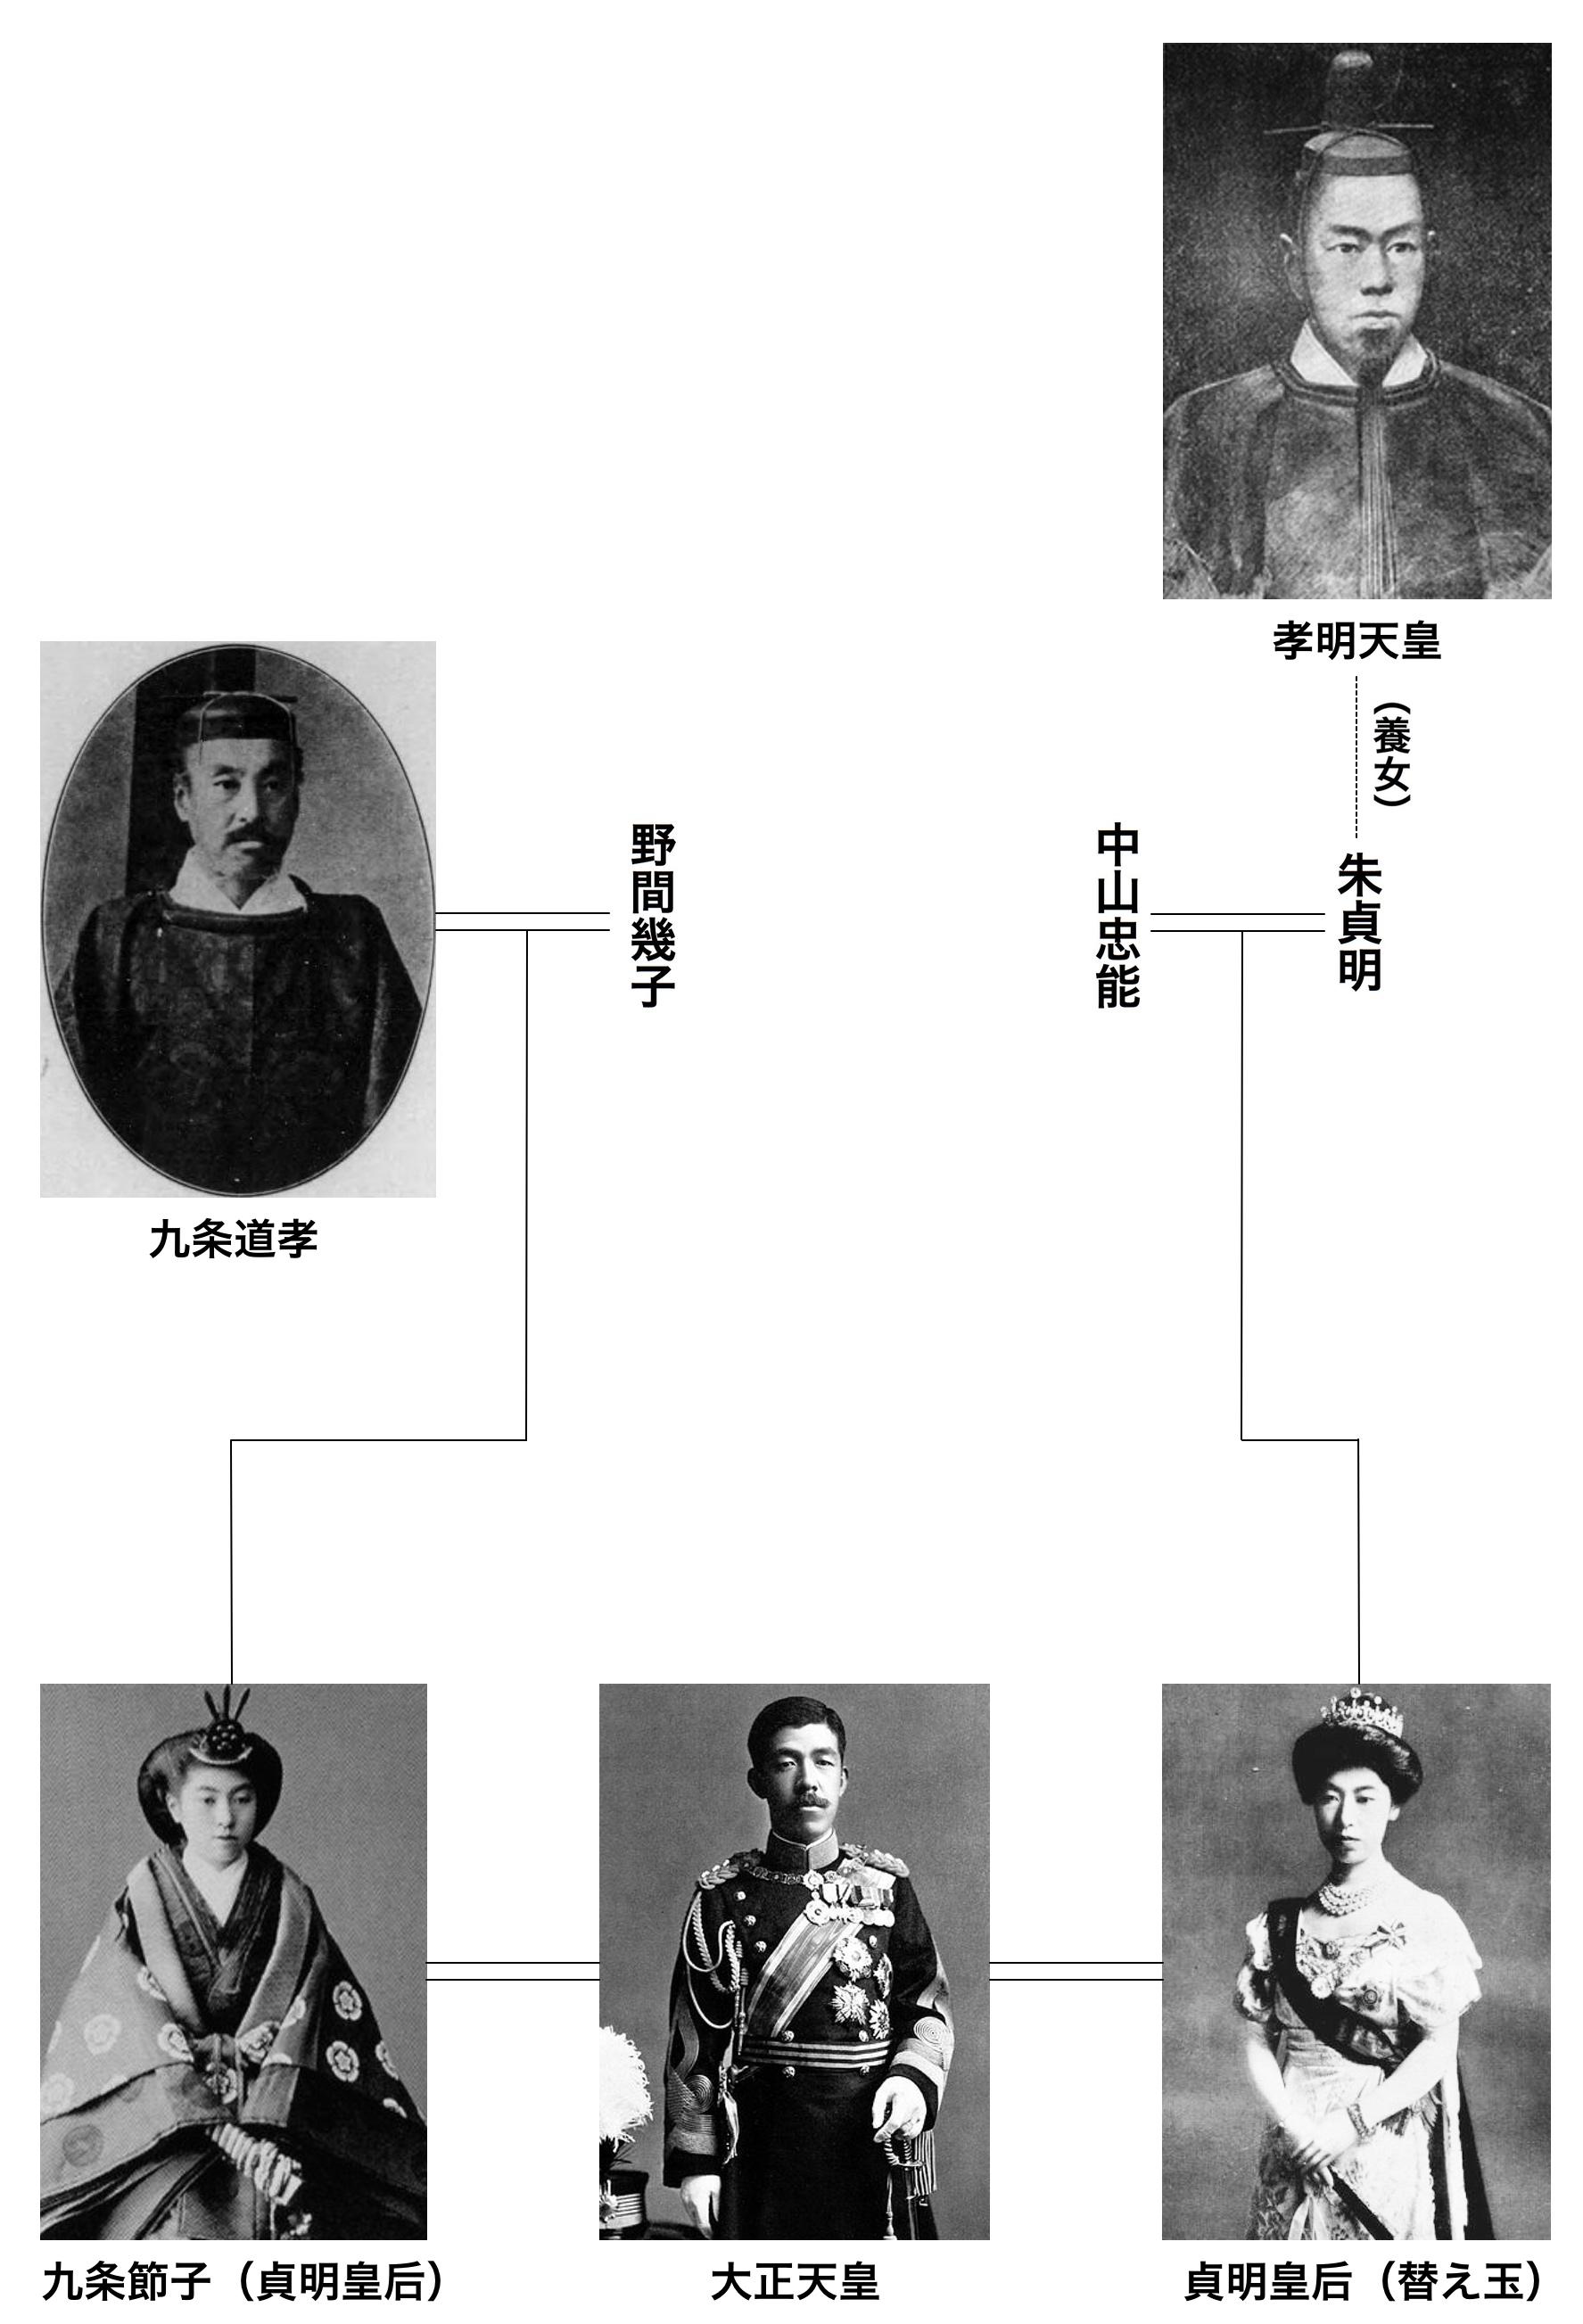 白井さん宛:貞明皇后系図